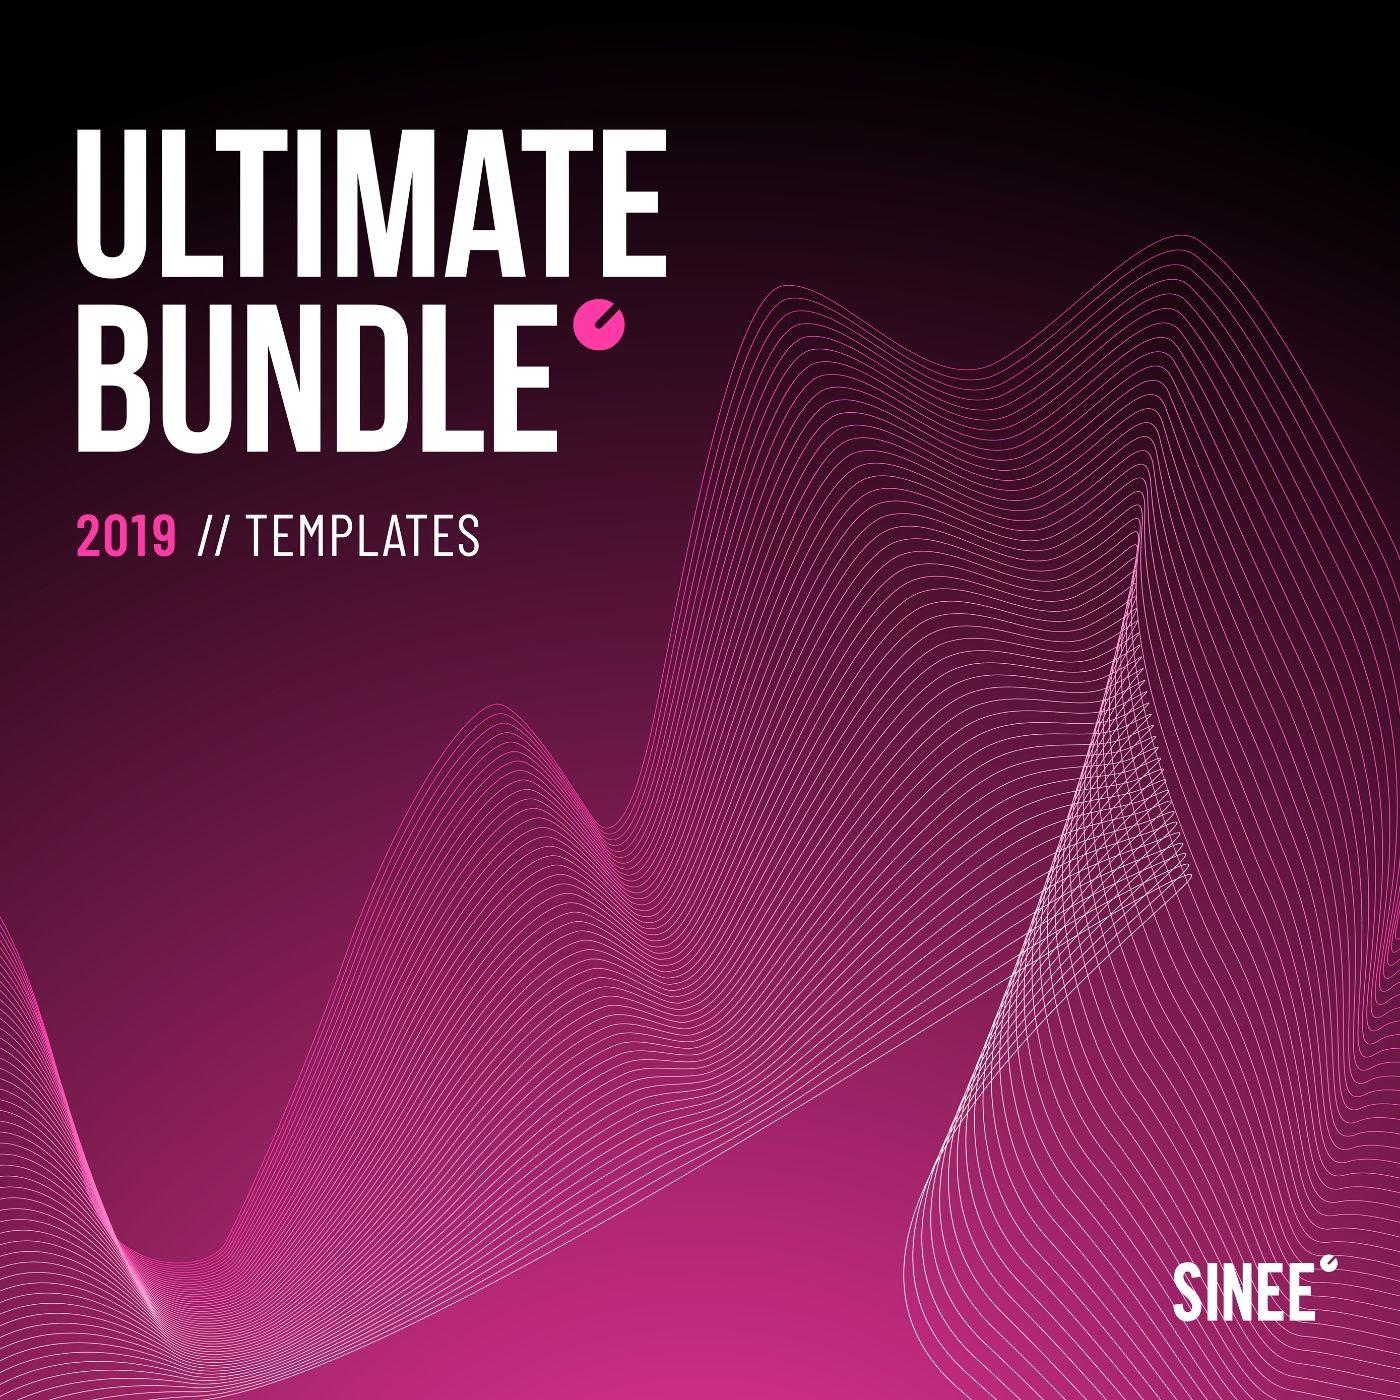 Ultimate Bundle 2019 – Templates